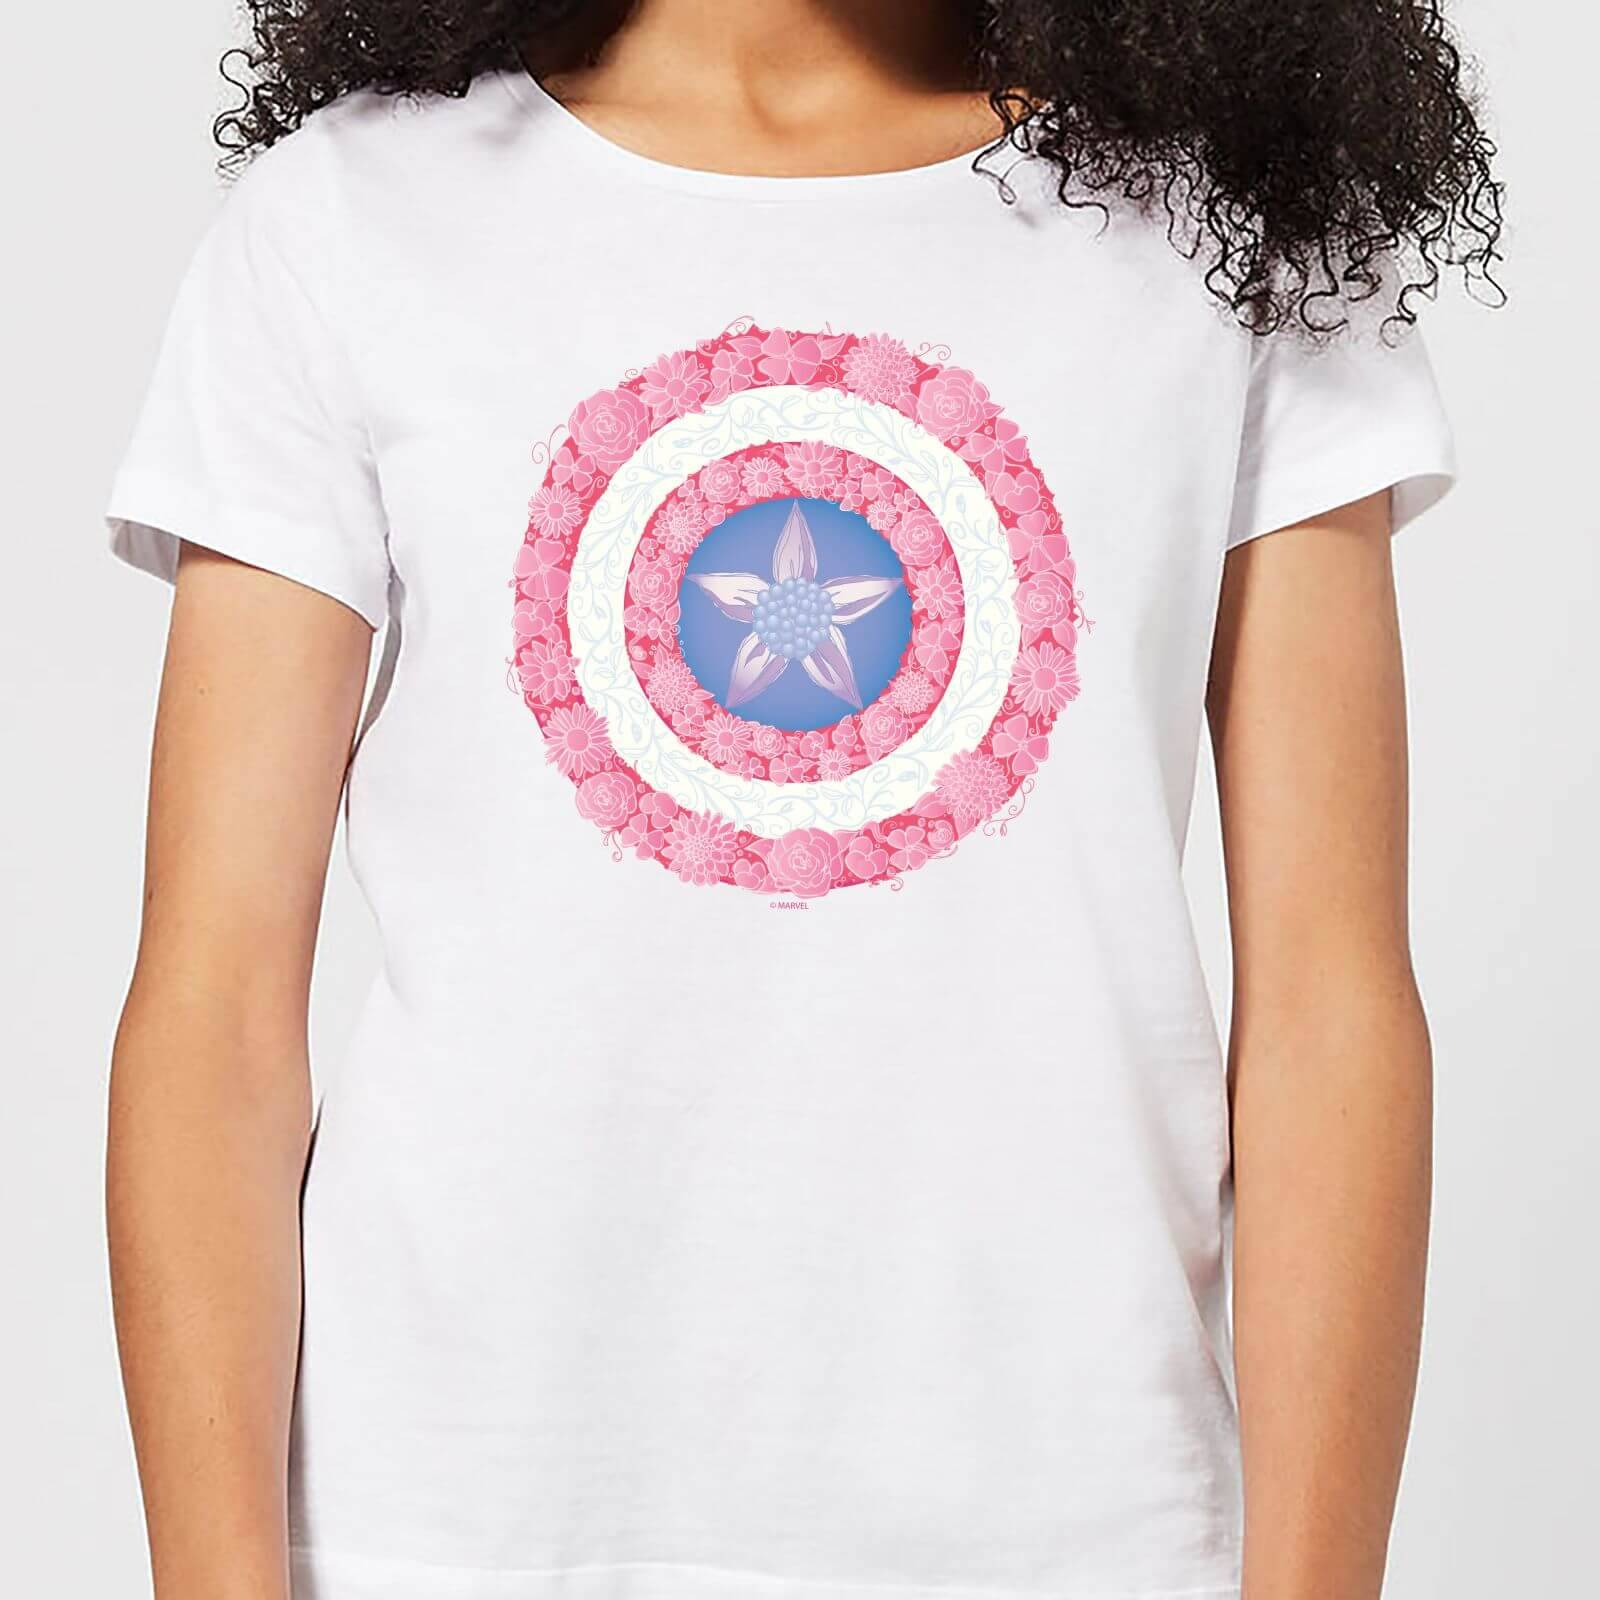 Marvel Captain America Flower Shield Women's T-Shirt - White - M - White